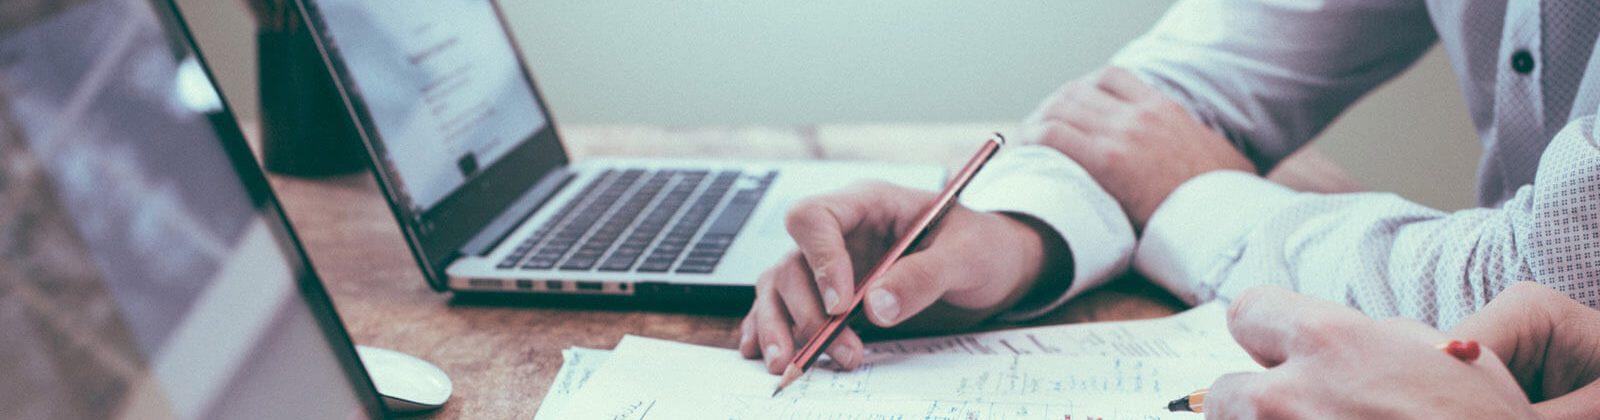 rédacteurs Web en train d'écrire pour le Web - Chapô - services de rédaction